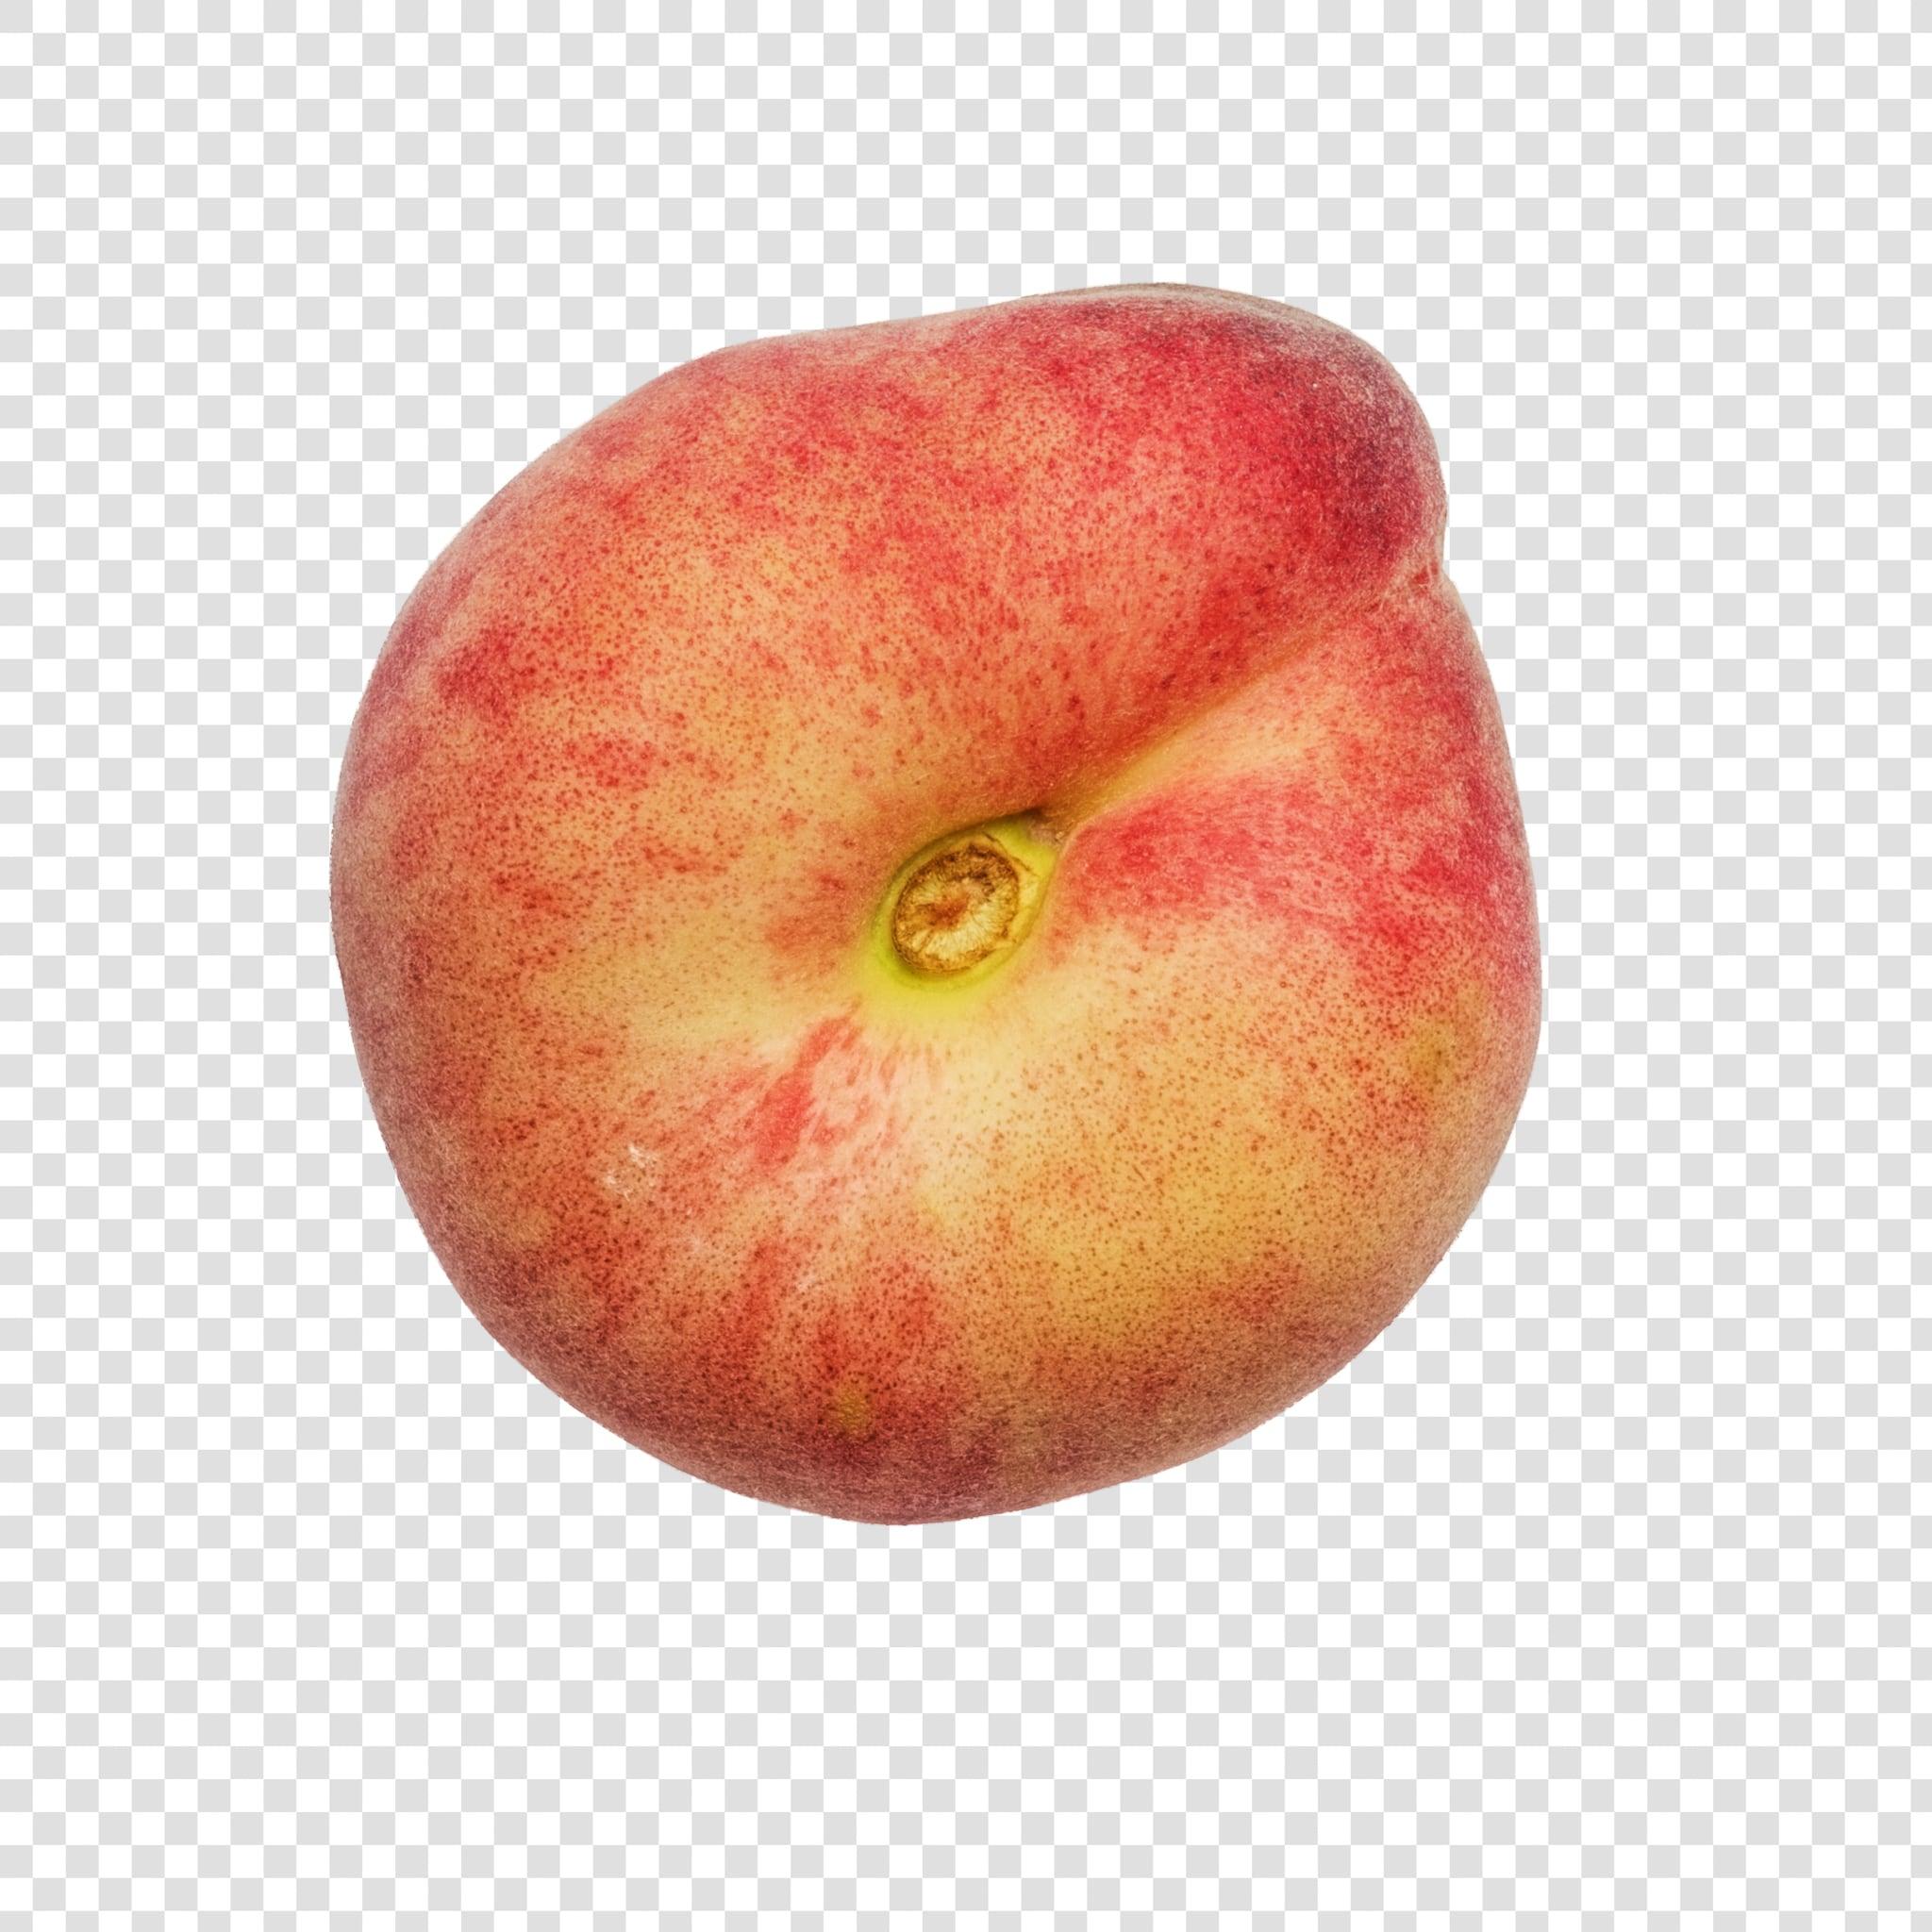 Nectarine PSD isolated image